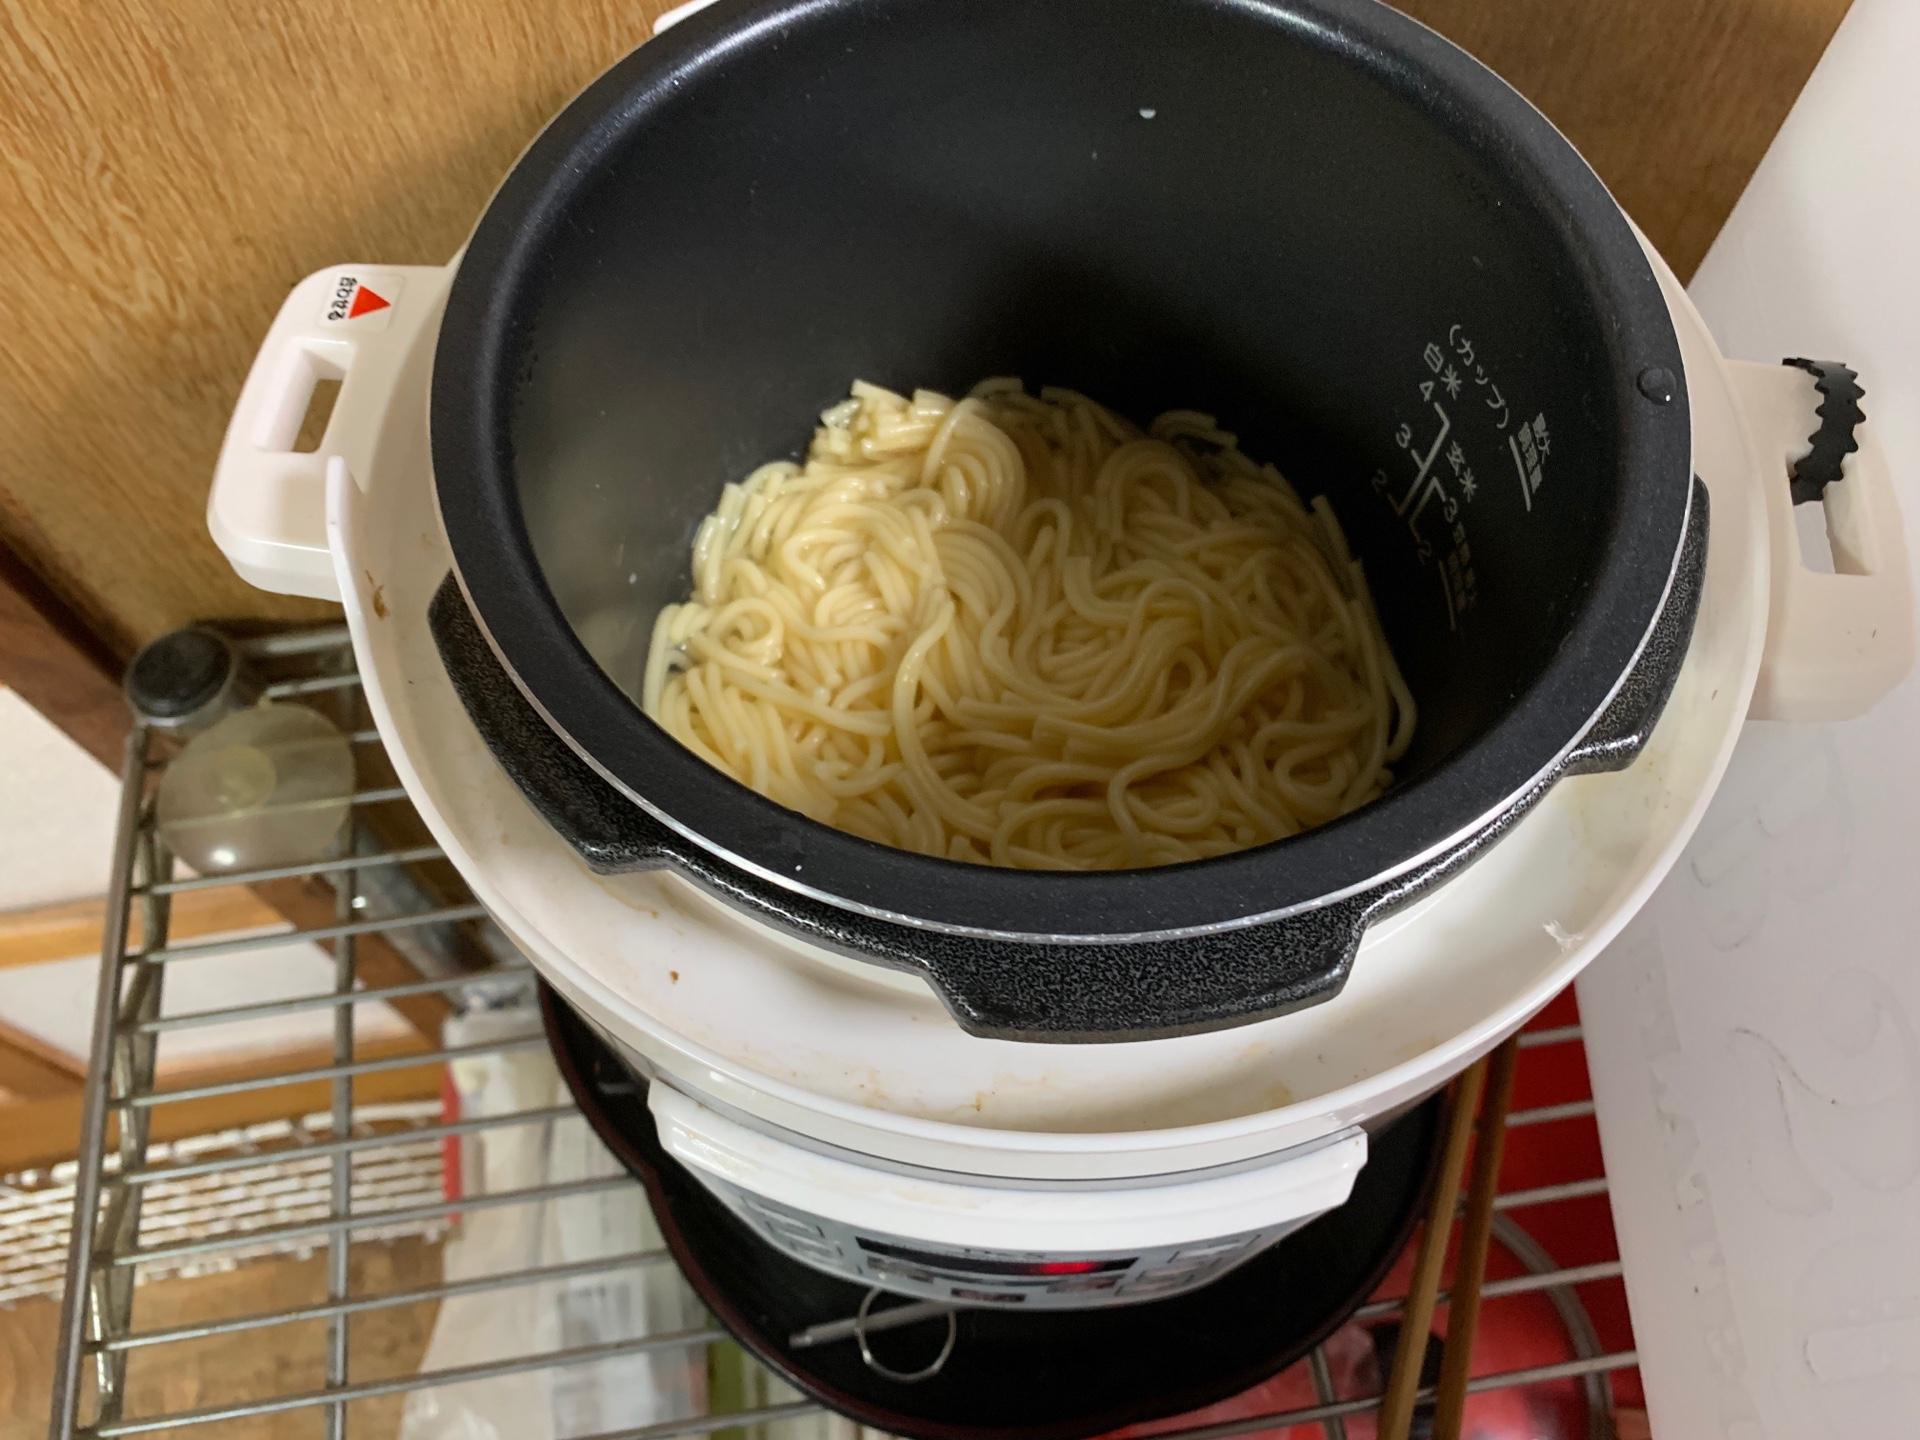 電気圧力鍋で麵を茹でれるのか?